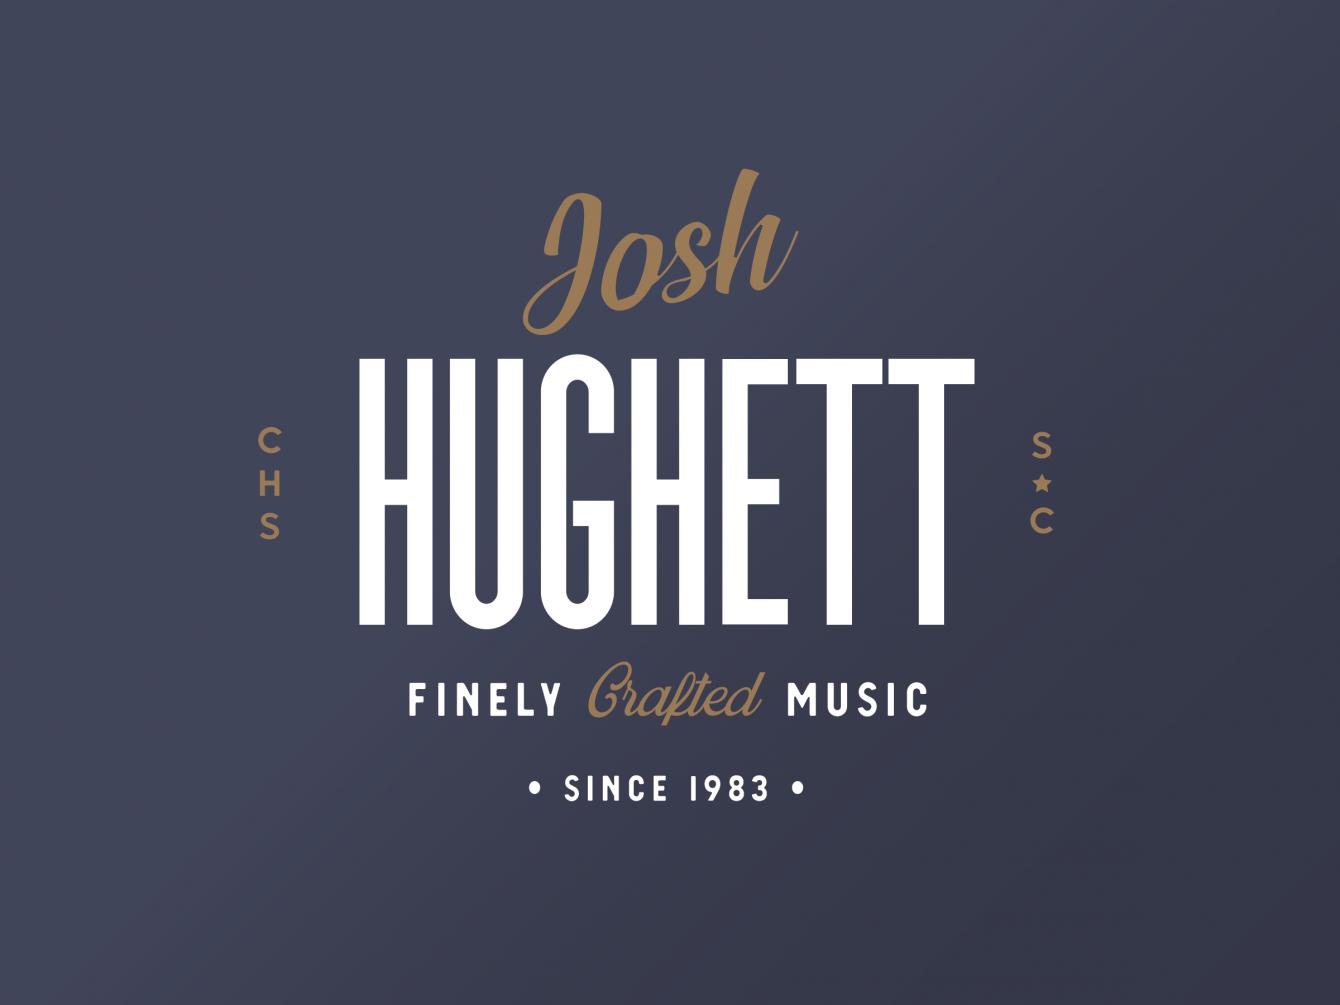 Josh Hughett Logo